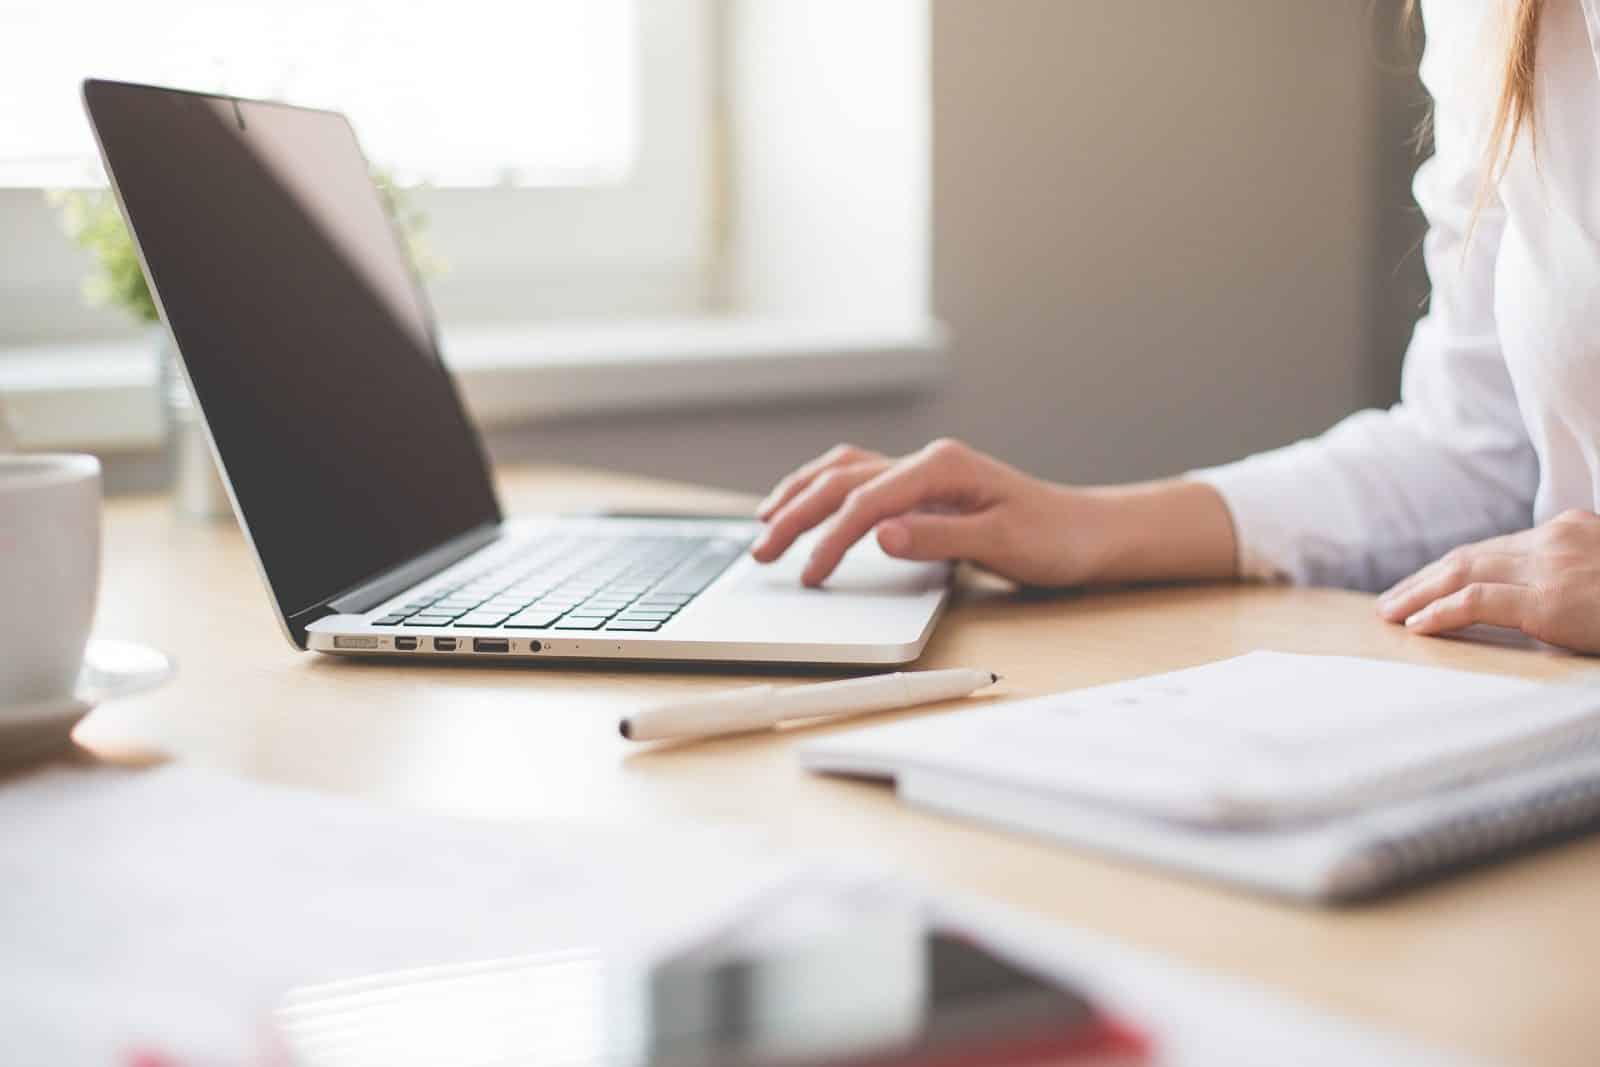 Les femmes cadres supérieures sont-elles toujours bien payées?